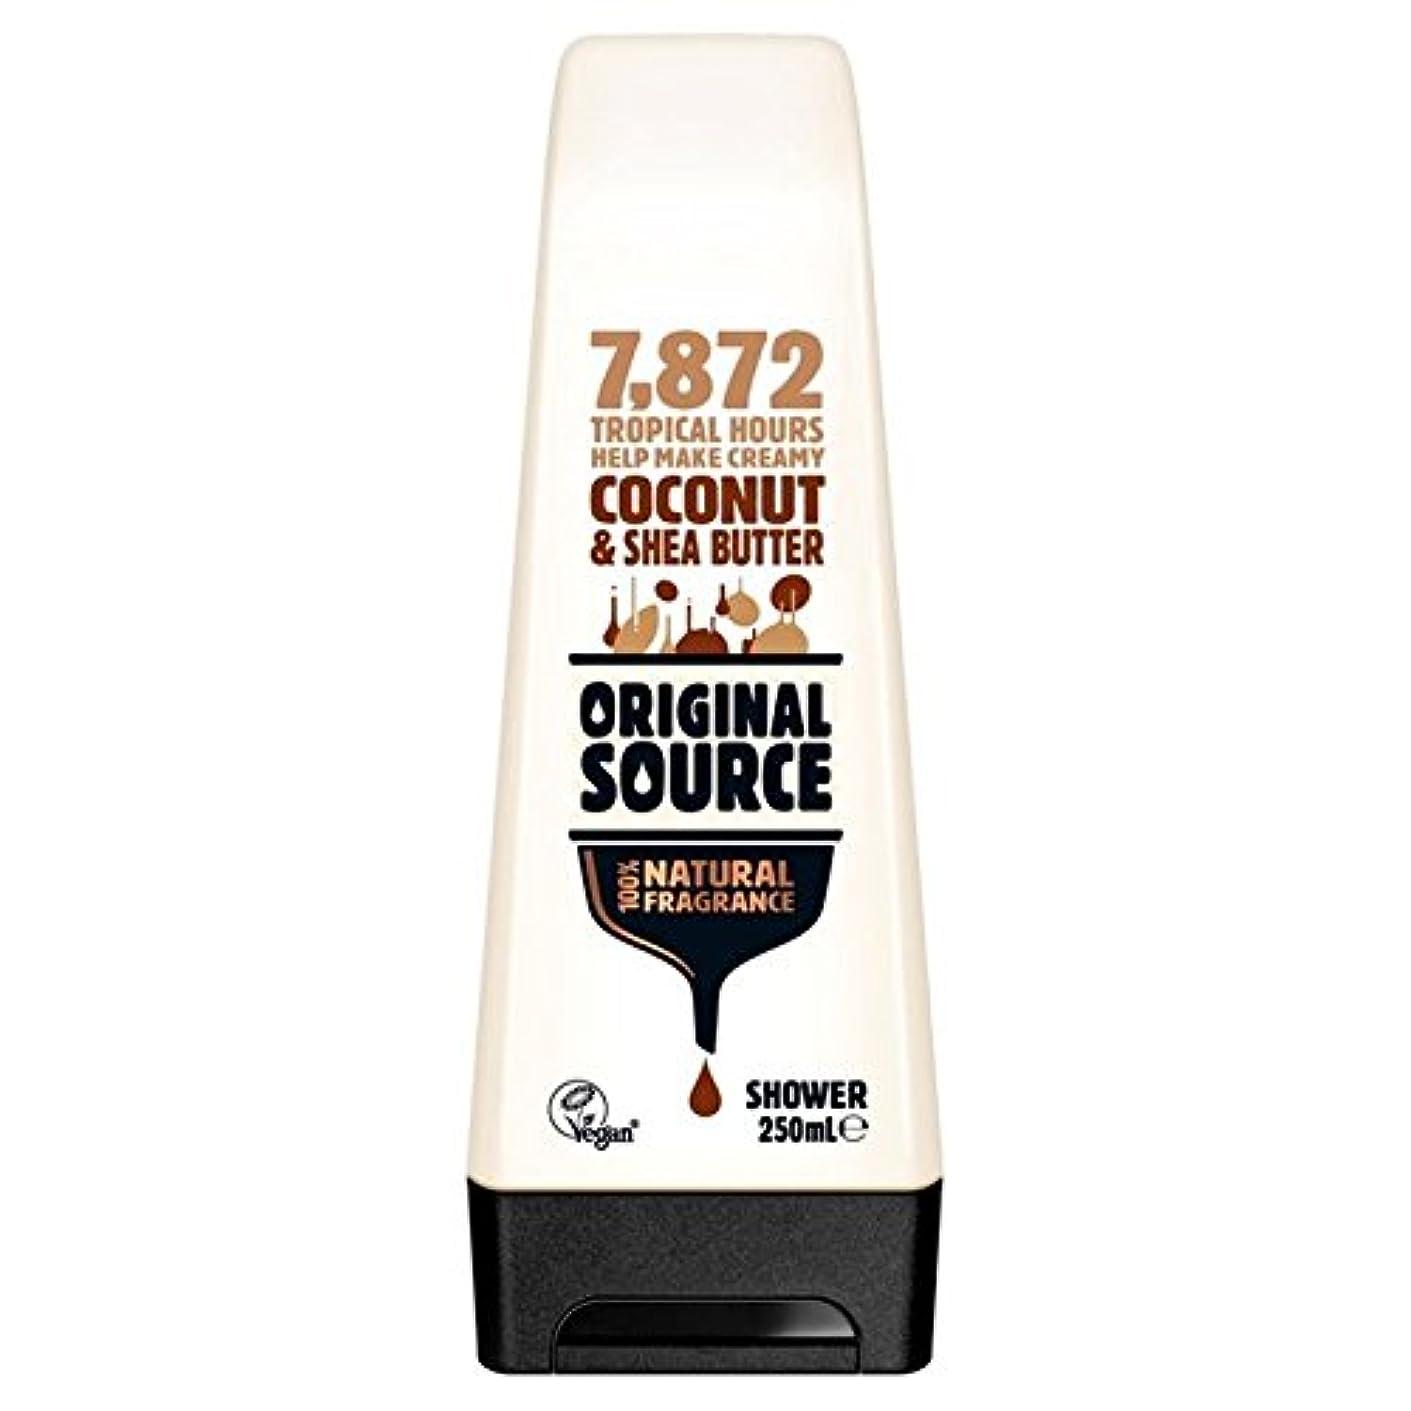 画家発動機受け入れOriginal Source Moisturising Coconut & Shea Butter Shower Gel 250ml - 元のソース保湿ココナッツ&シアバターシャワージェル250ミリリットル [並行輸入品]